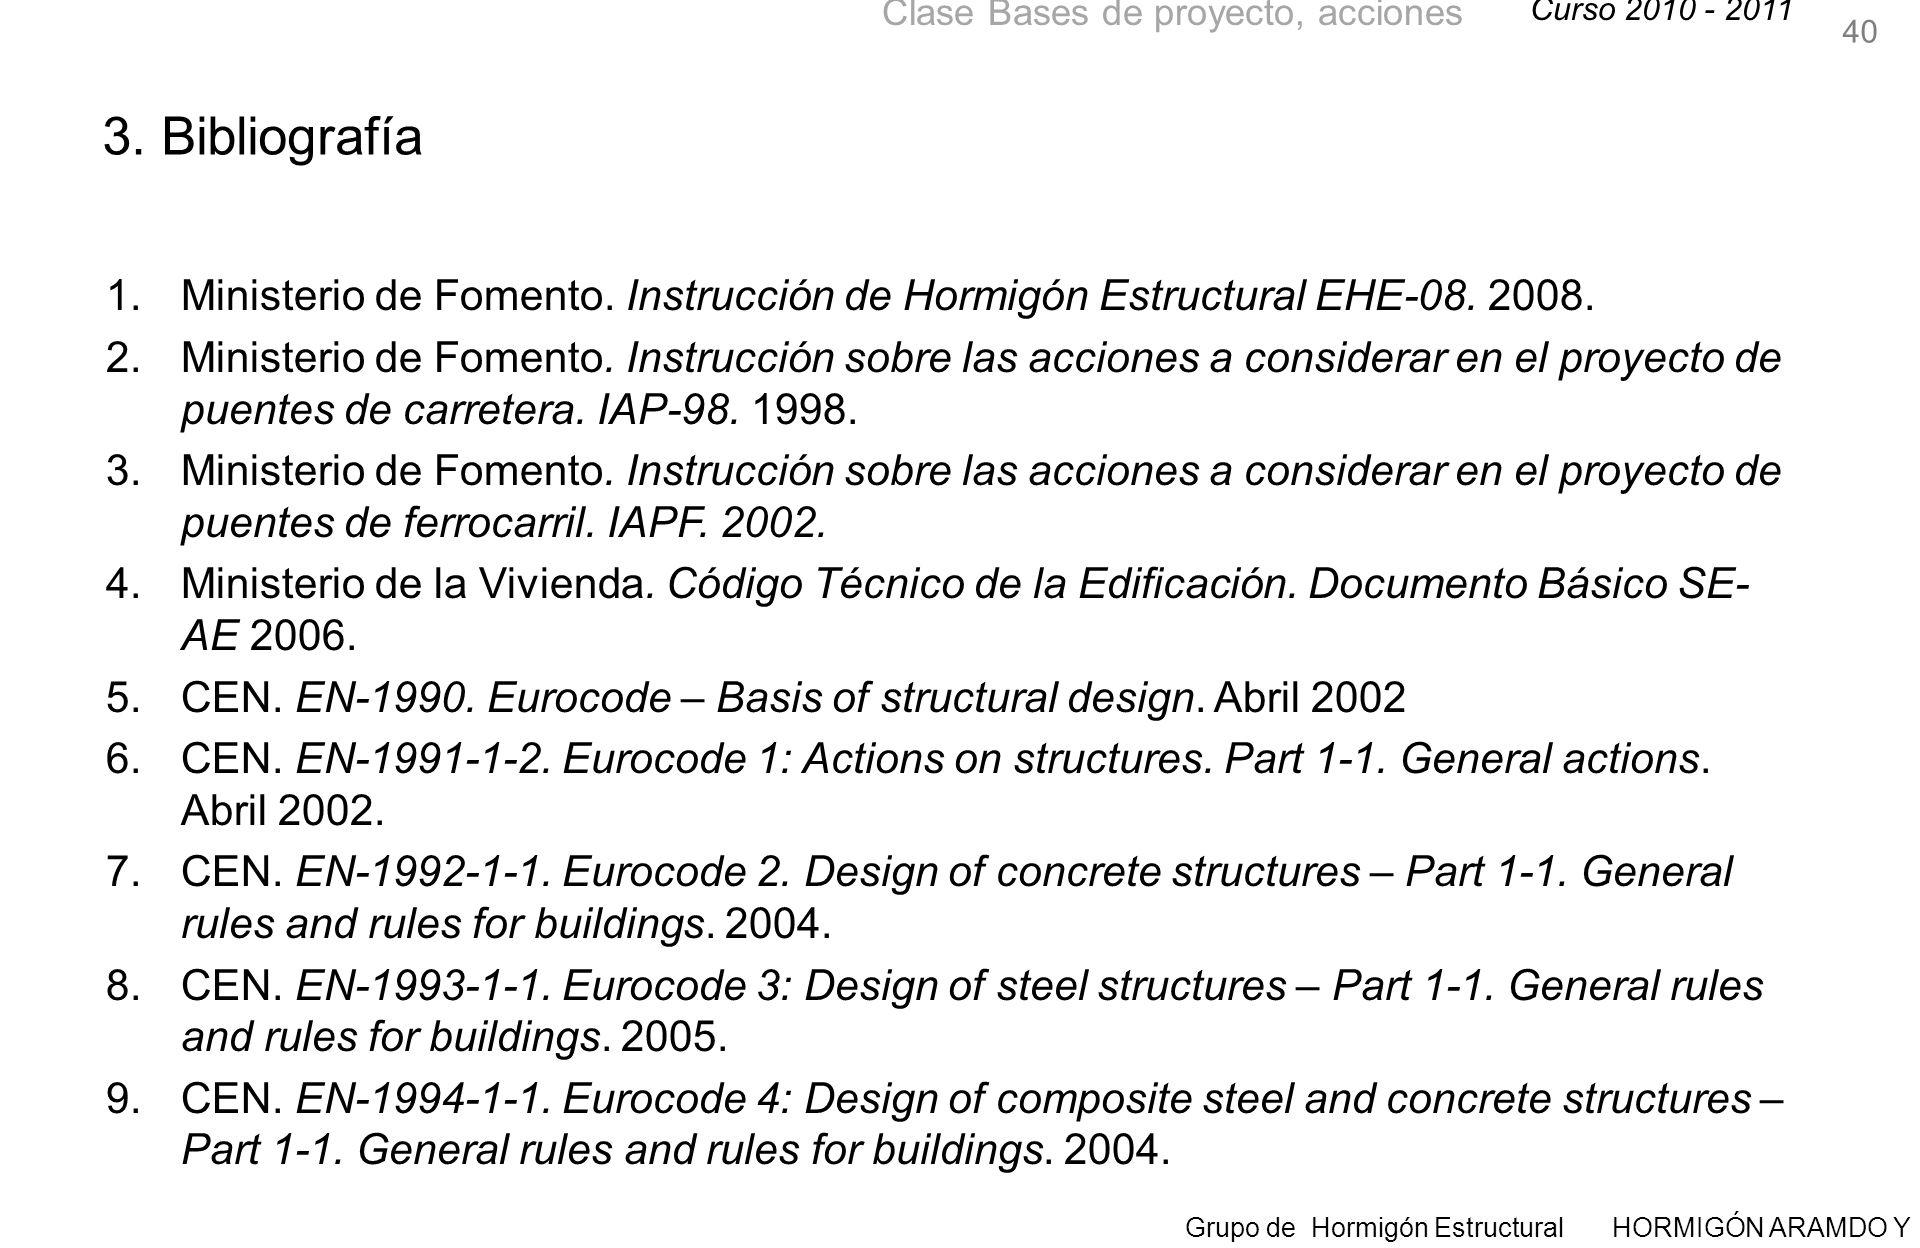 40 3. Bibliografía. Ministerio de Fomento. Instrucción de Hormigón Estructural EHE-08. 2008.